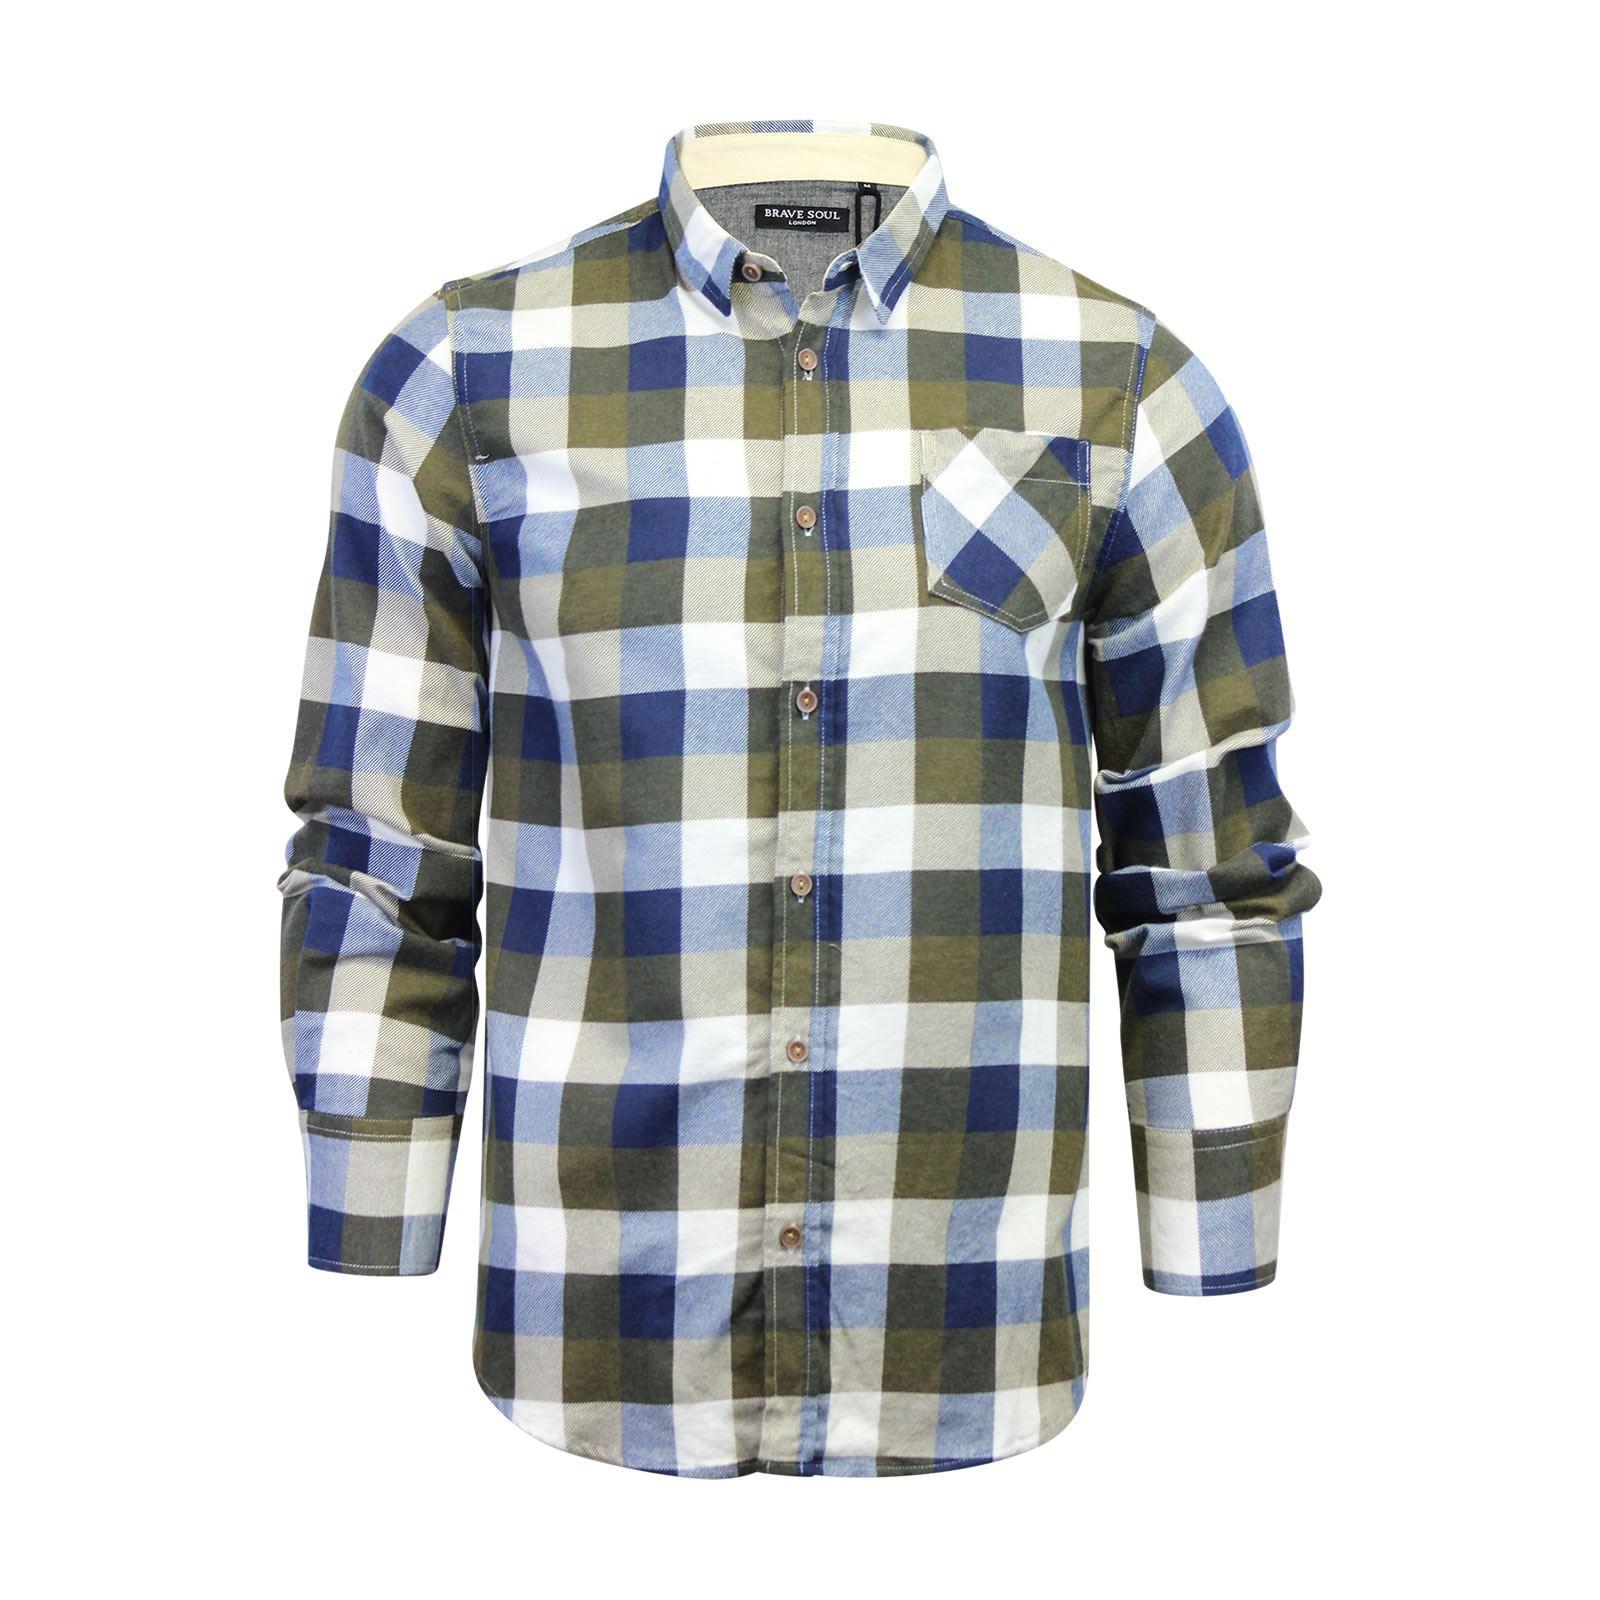 Alma-VALIENTE-HOMBRE-compruebe-Camisa-Algodon-Cepillado-De-Franela-Top-Manga-Larga-Casual miniatura 59